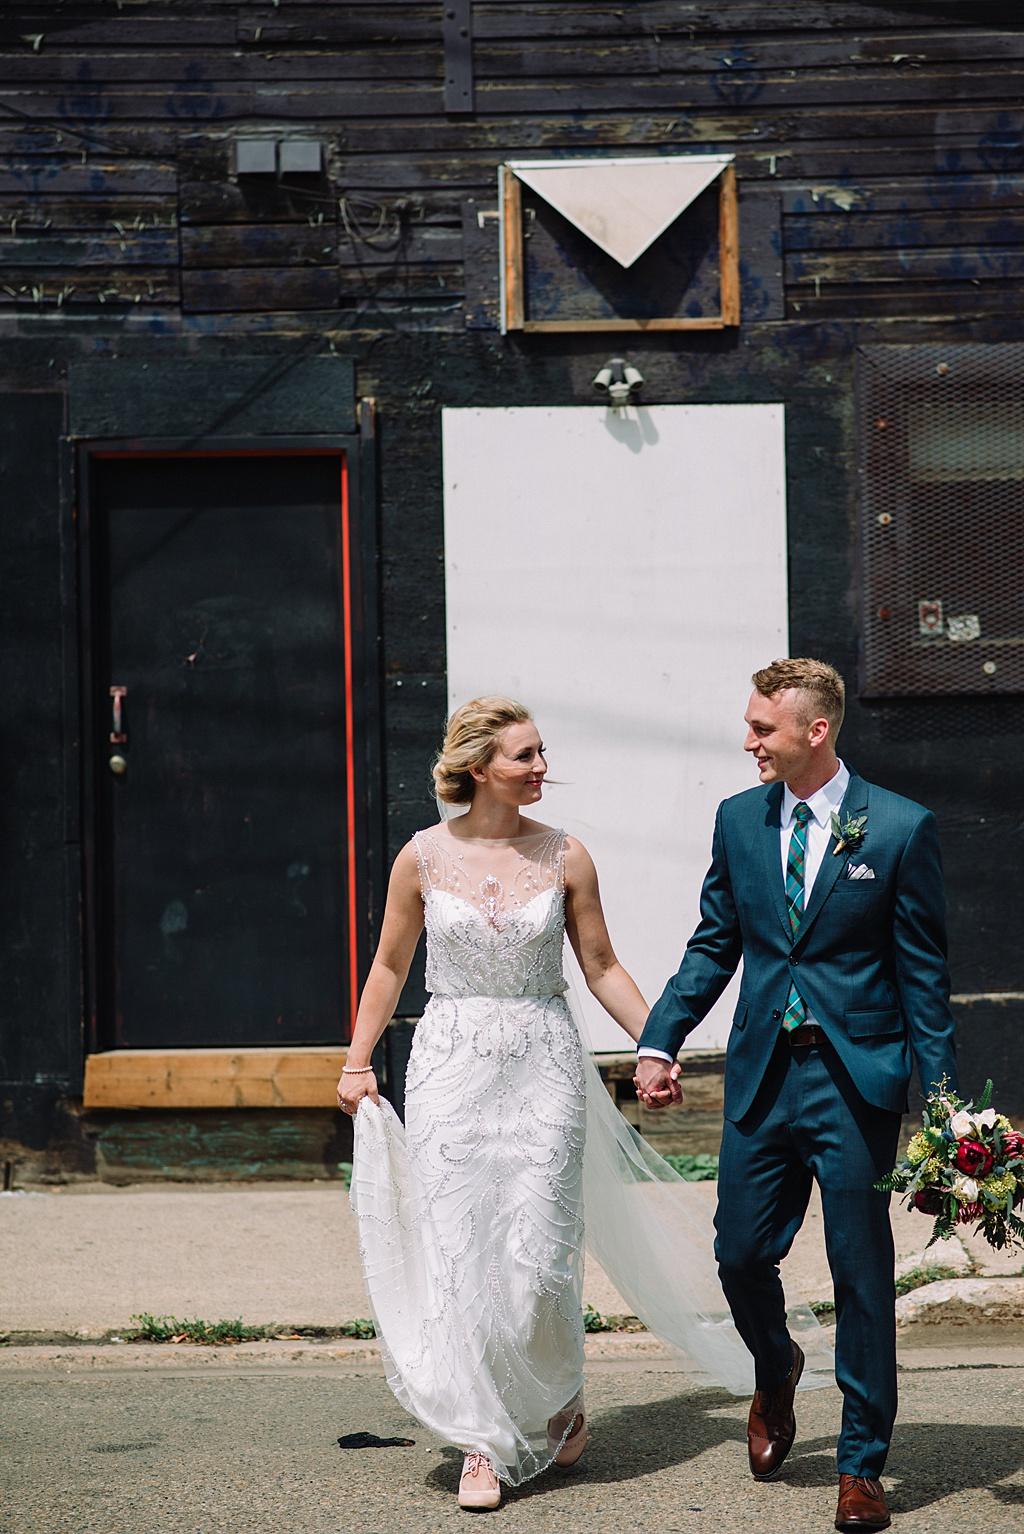 edmonton-bride-groom-walking-holding-hands